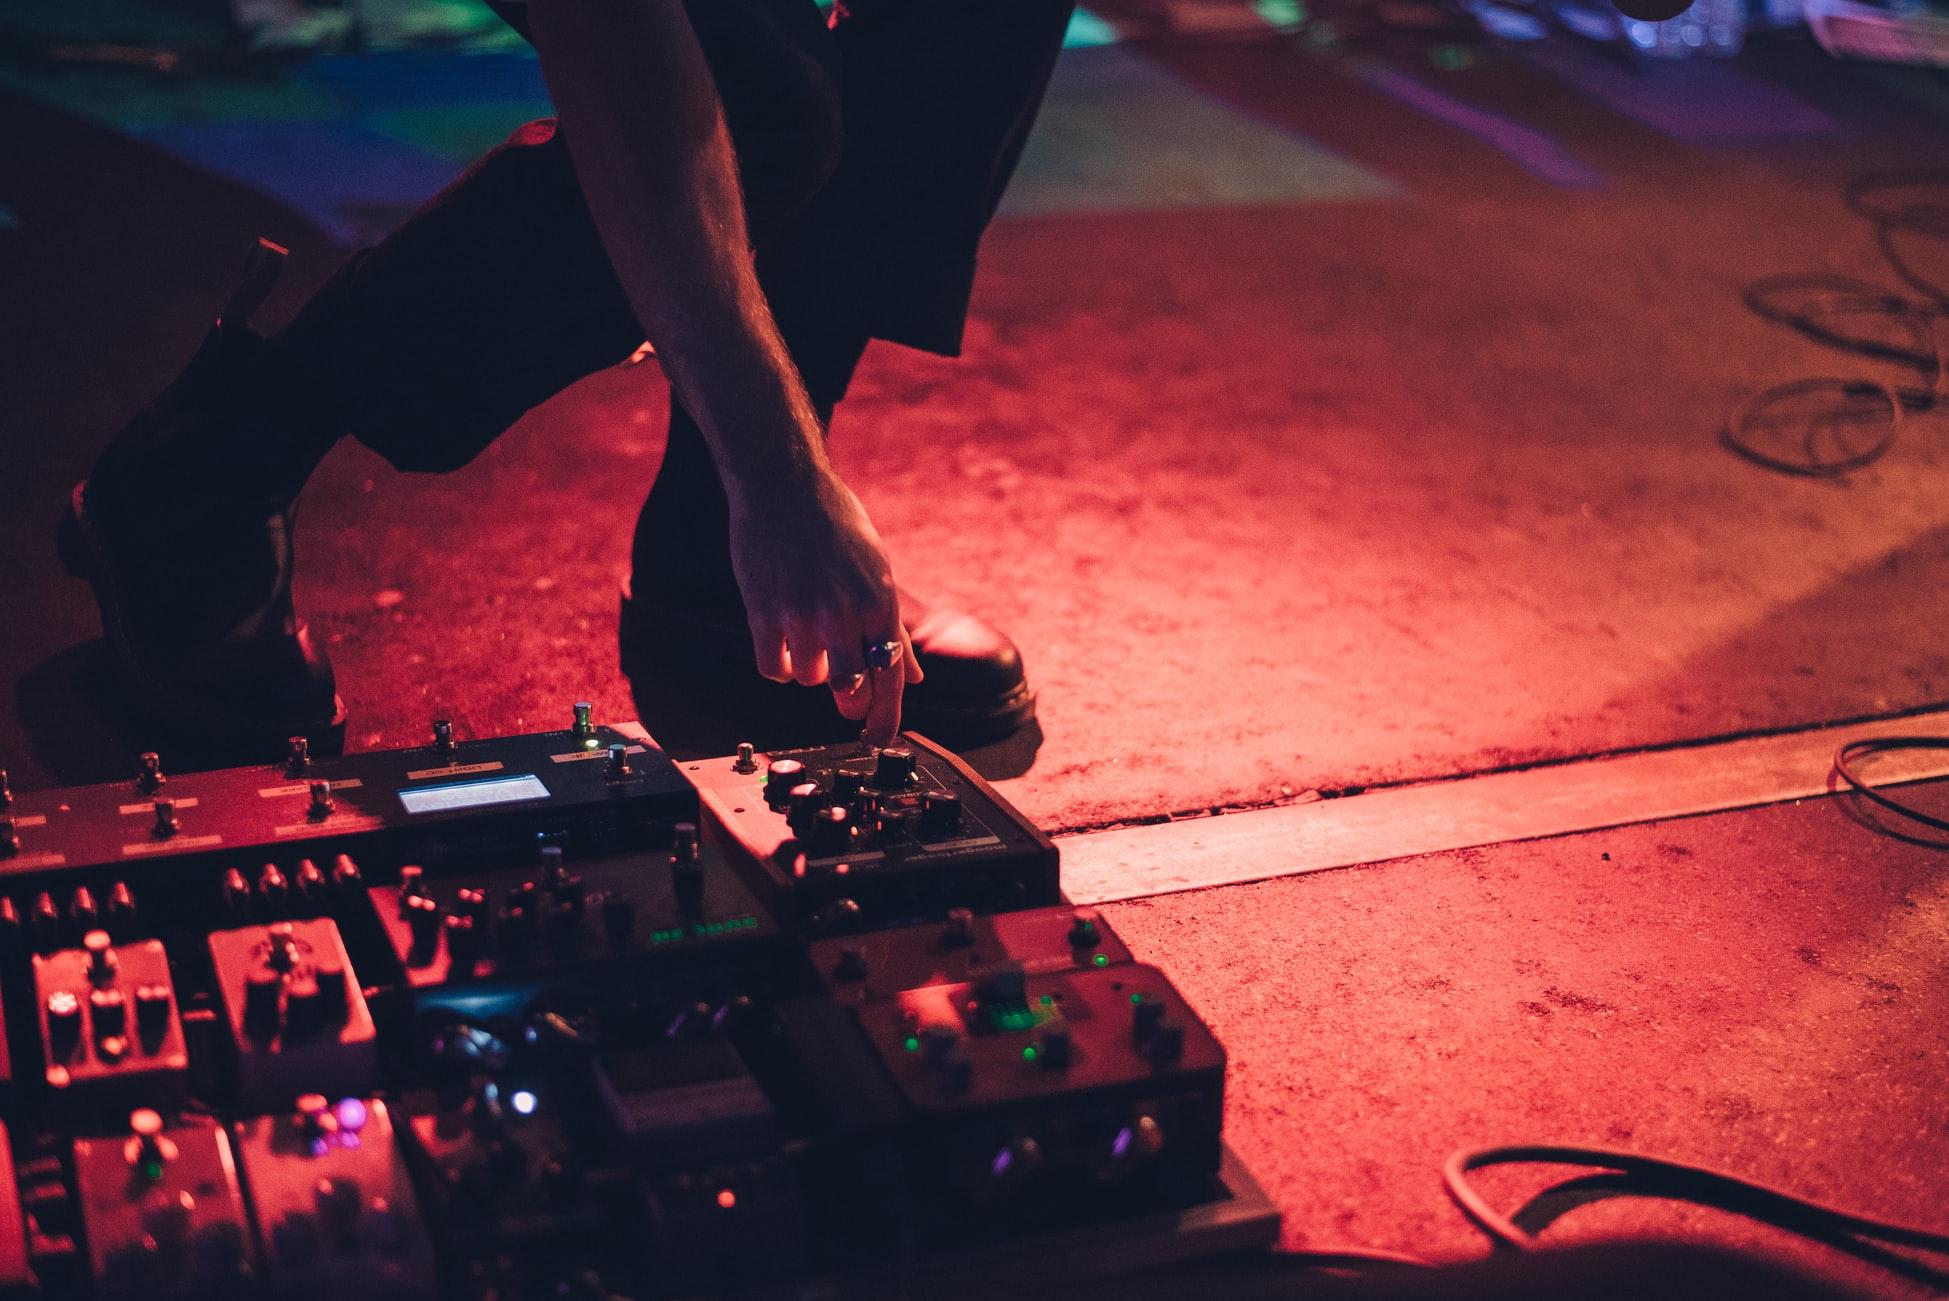 Kitaristi kumartuneena lavalla, käsi säätää maahan asetettuja efektipedaaleja.